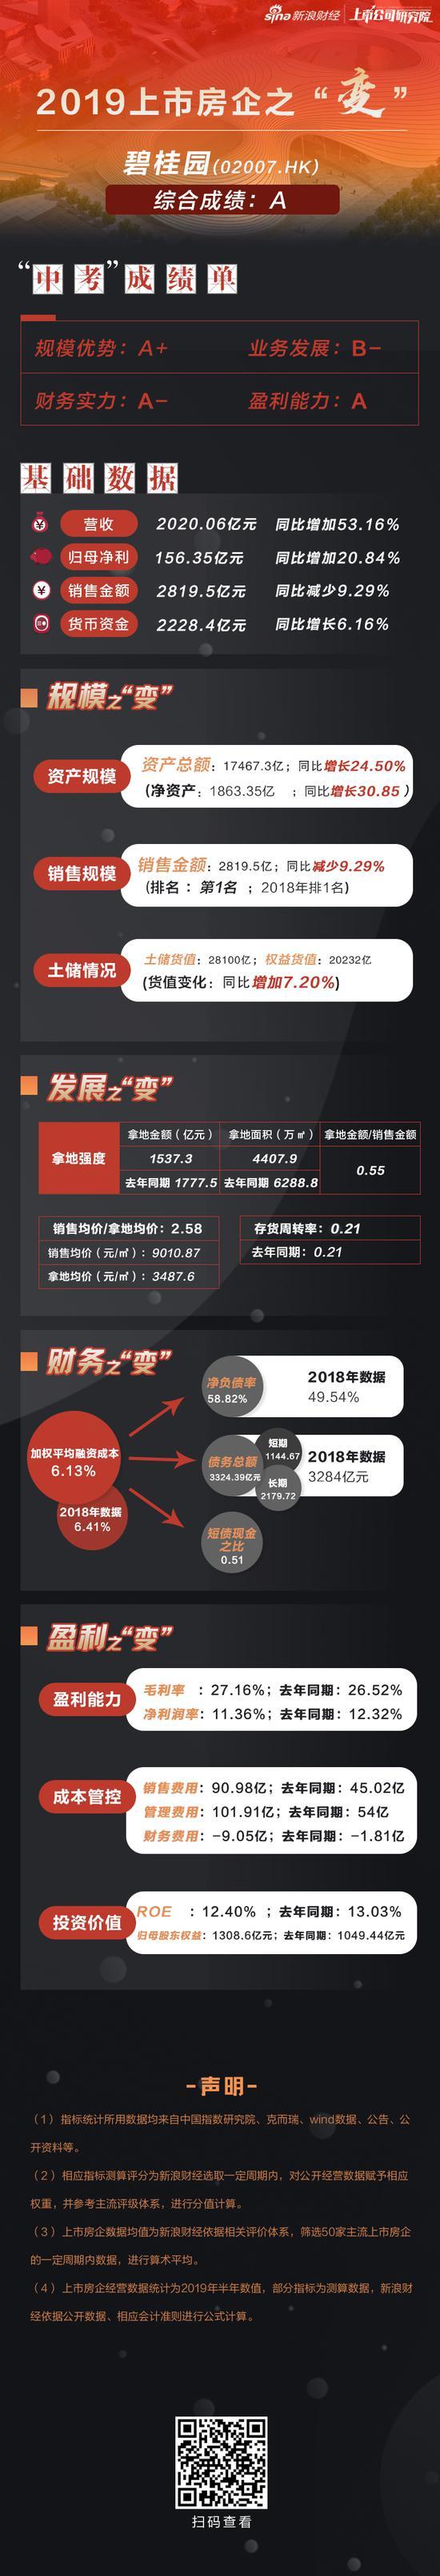 [房企图鉴]碧桂园销售额下滑9% 继续领跑众房企